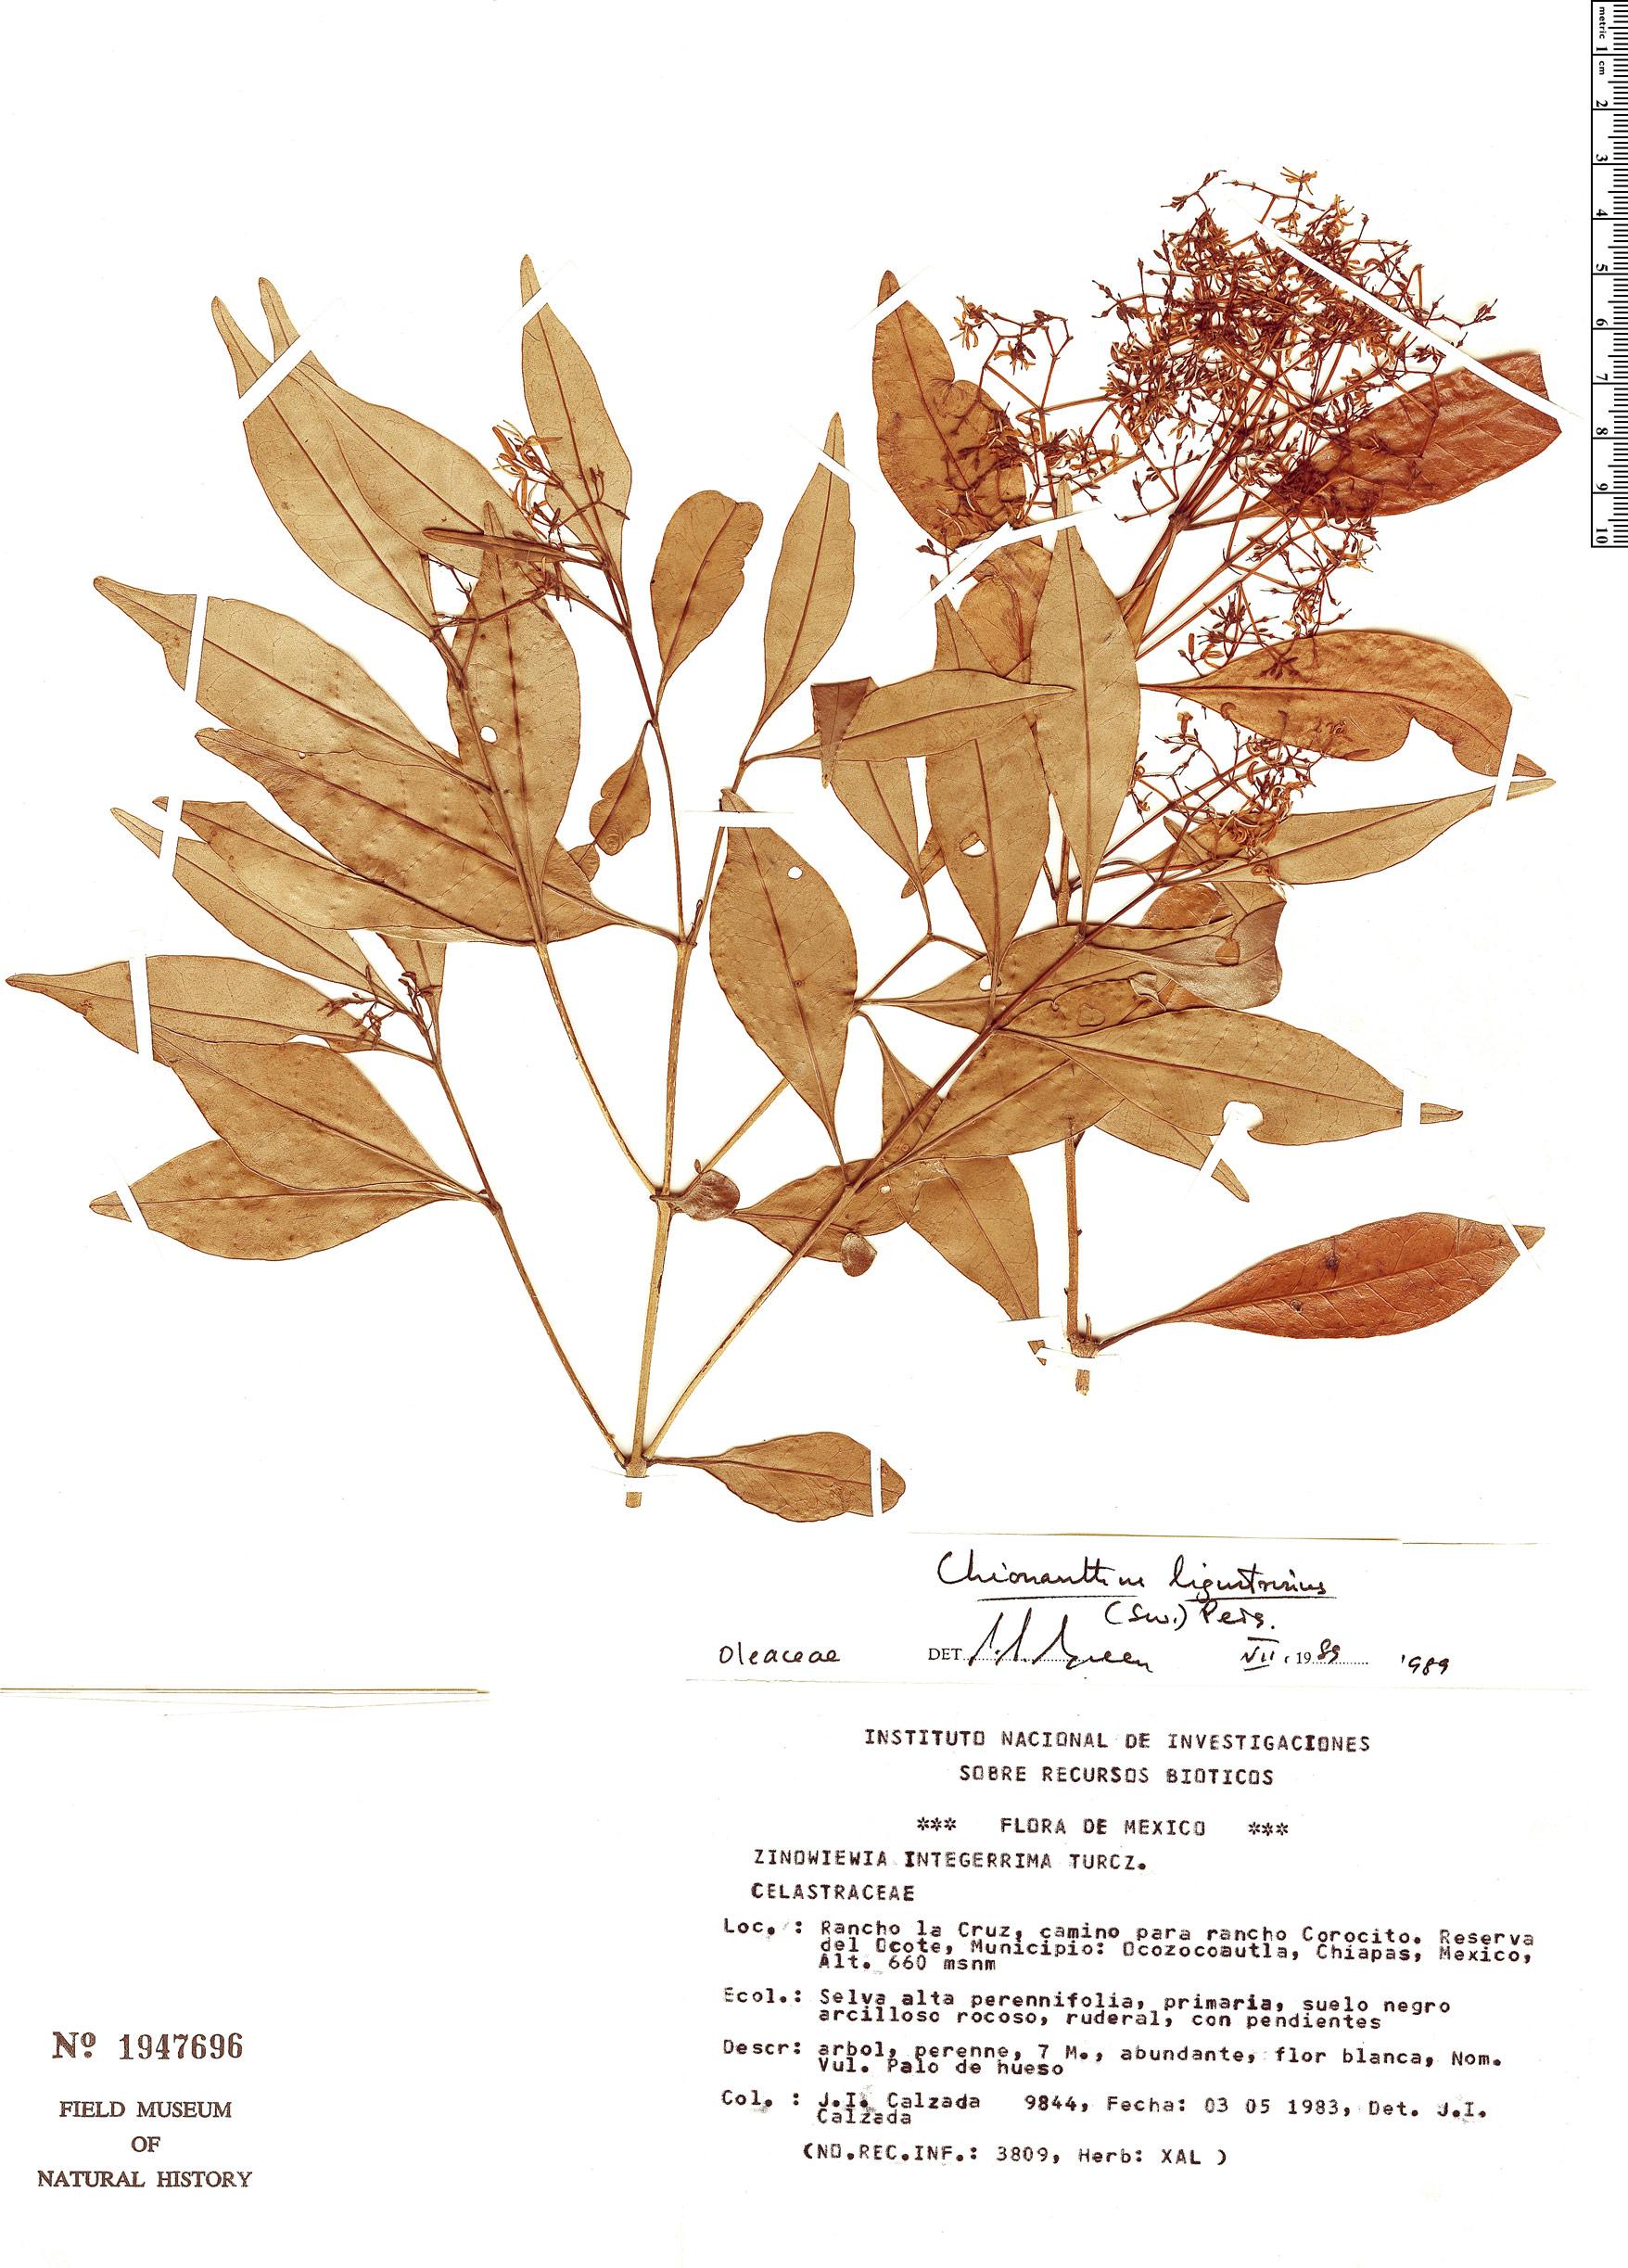 Specimen: Chionanthus ligustrinus